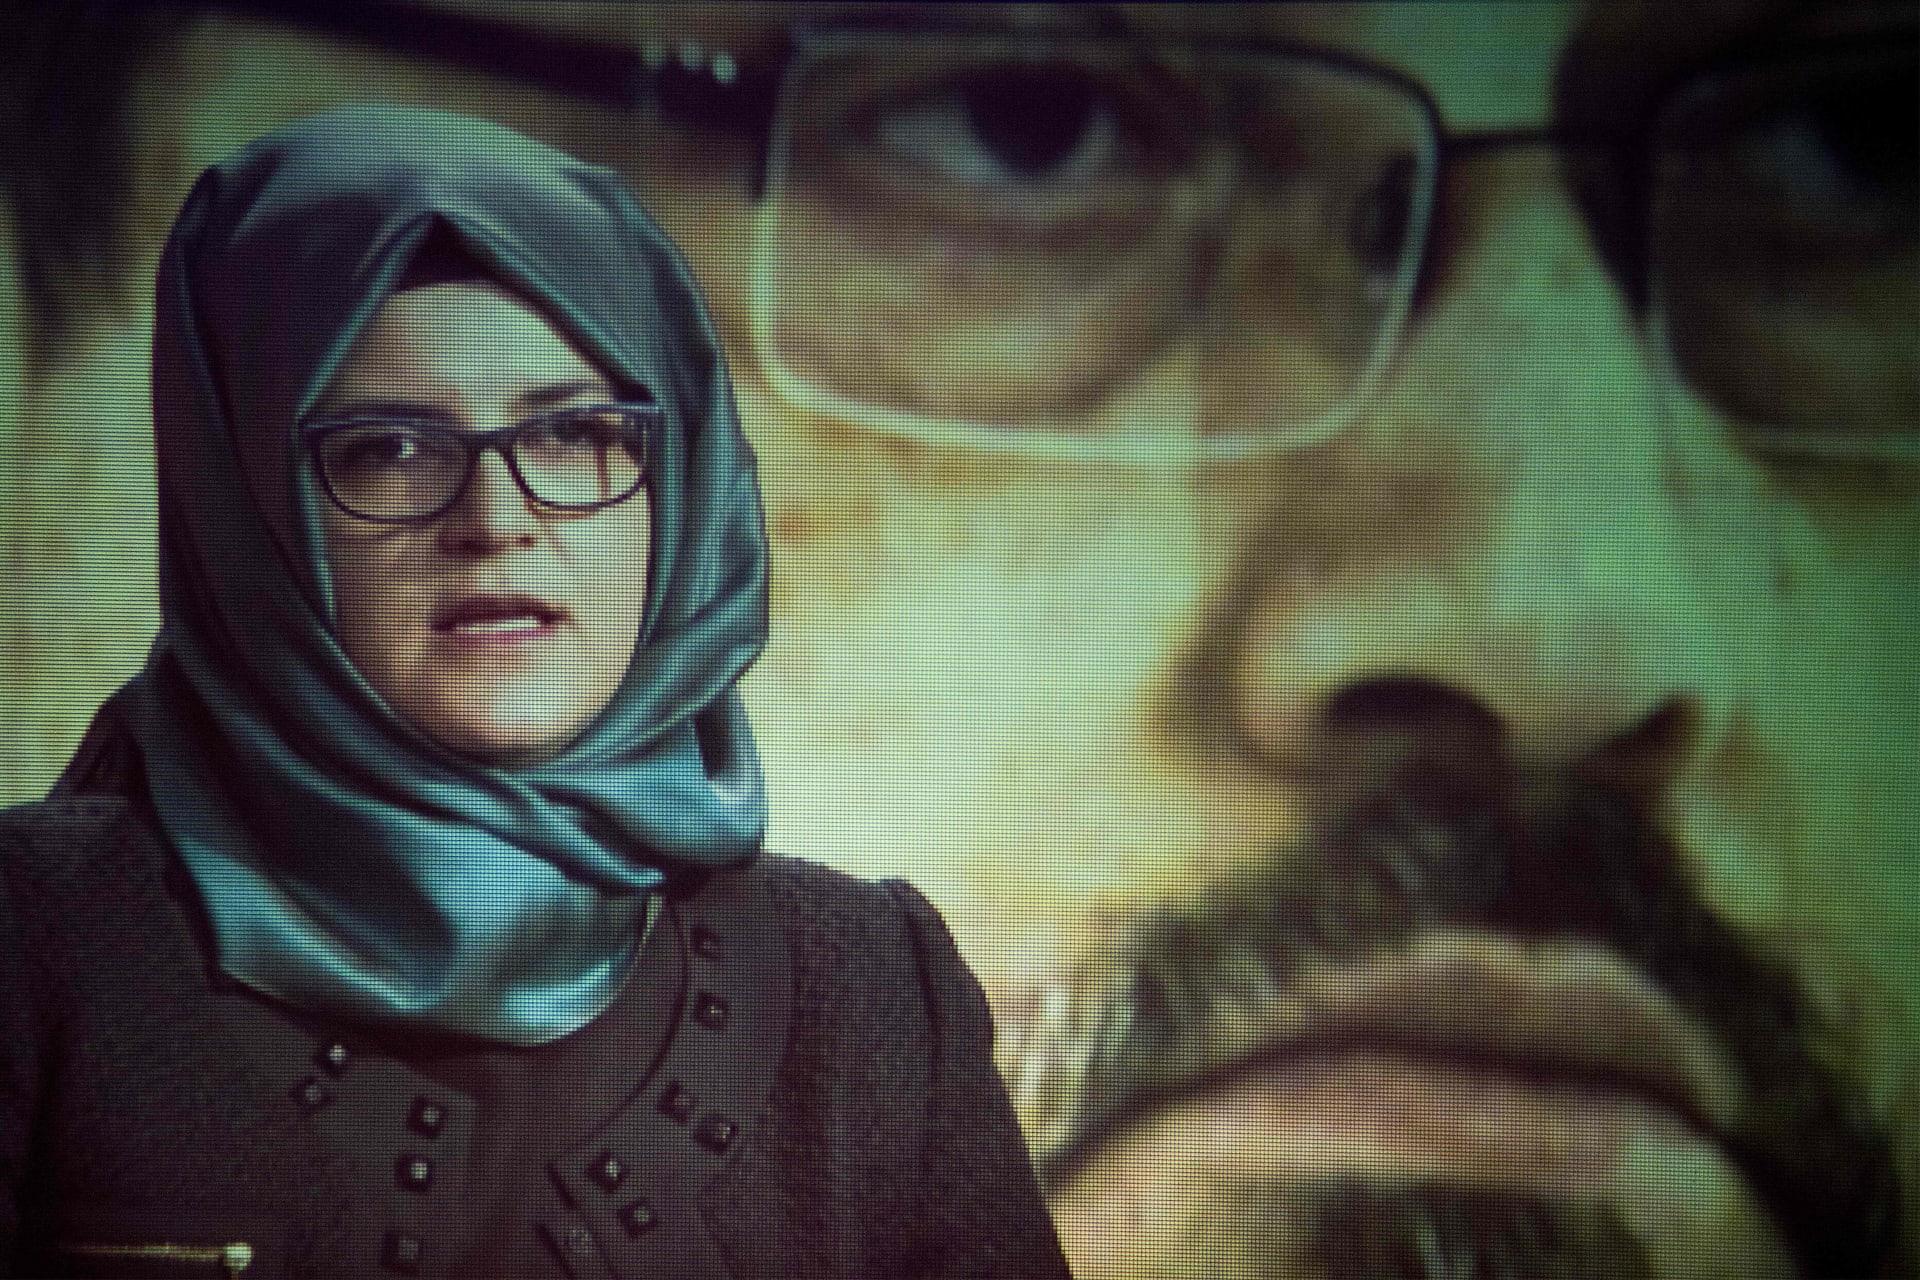 بعد إعلان أبنائه.. خديجة جنكيز: ليس لأحد حق العفو عن قتلة خاشقجي لأن القتل غيلة